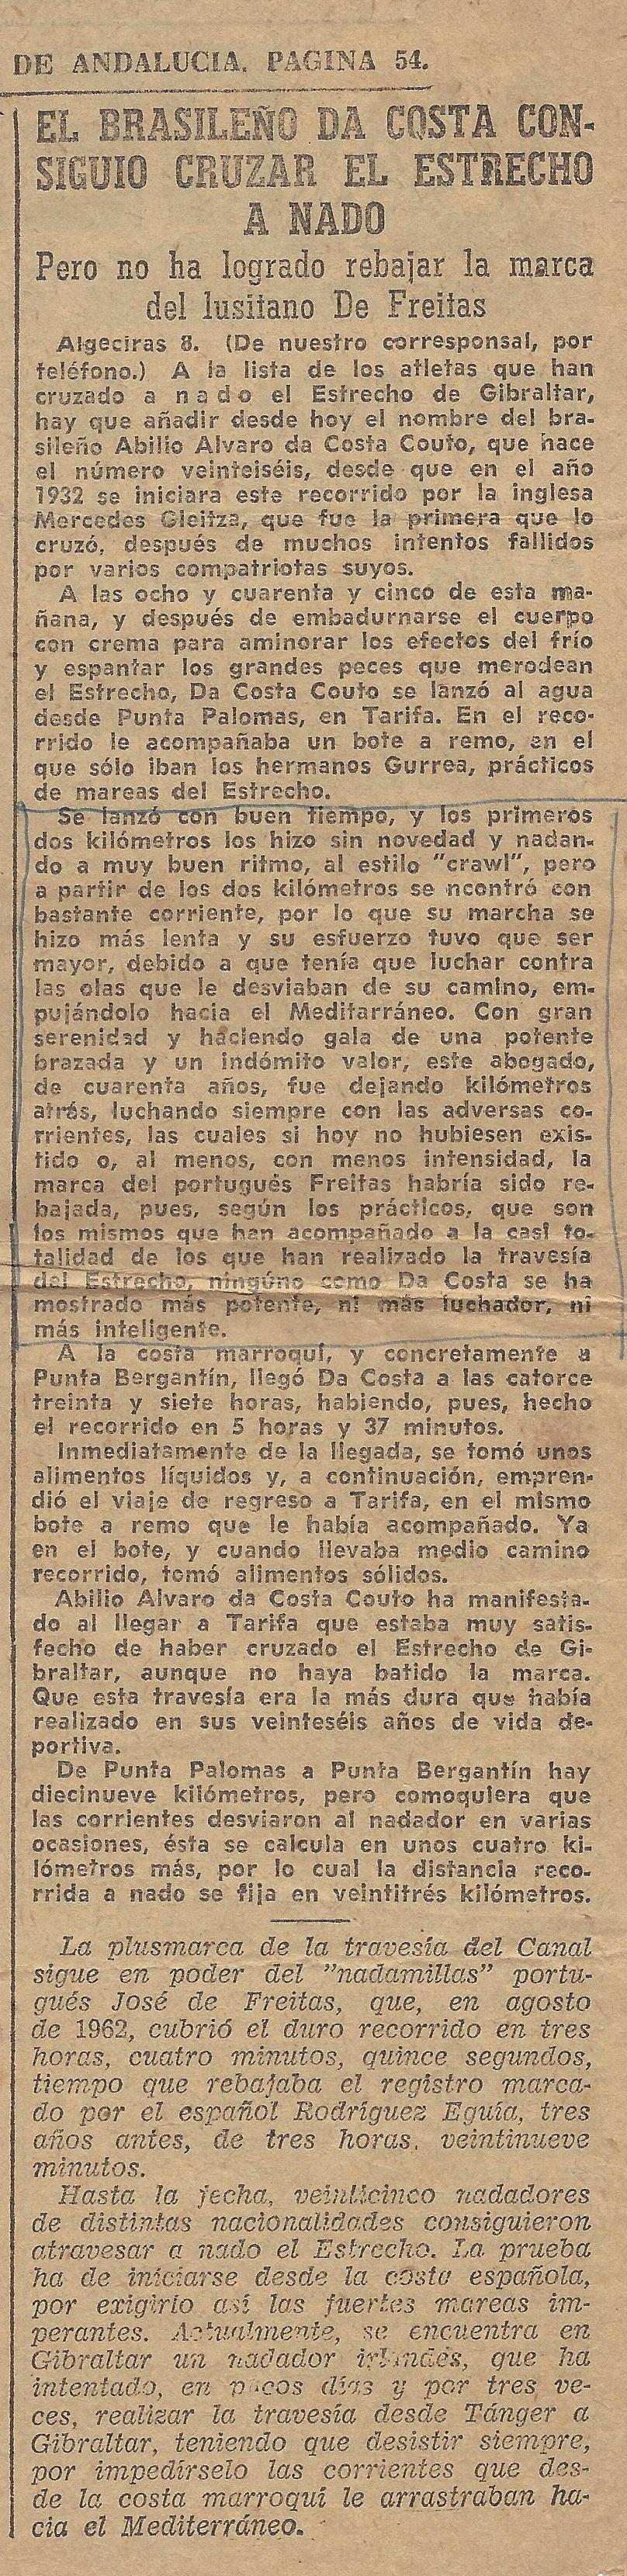 22gibraltar1965.jpg